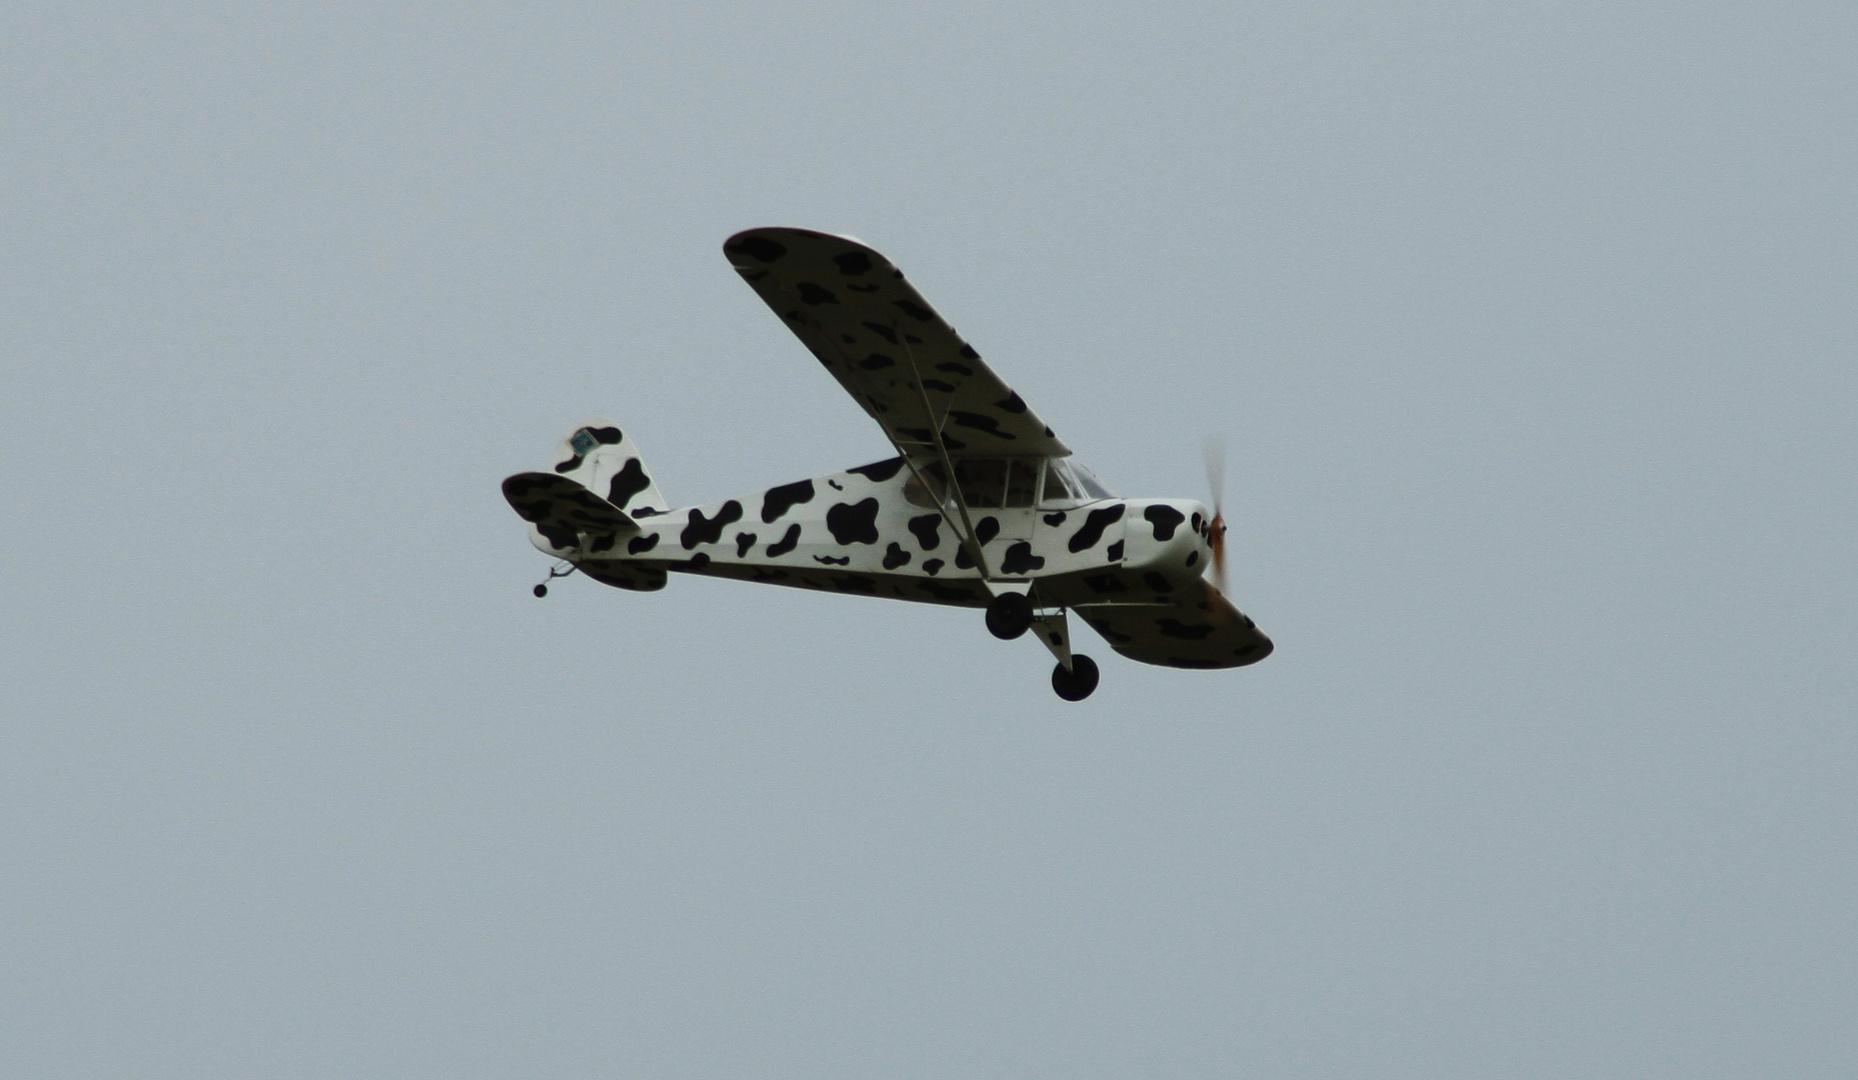 Fliegende Kuh!